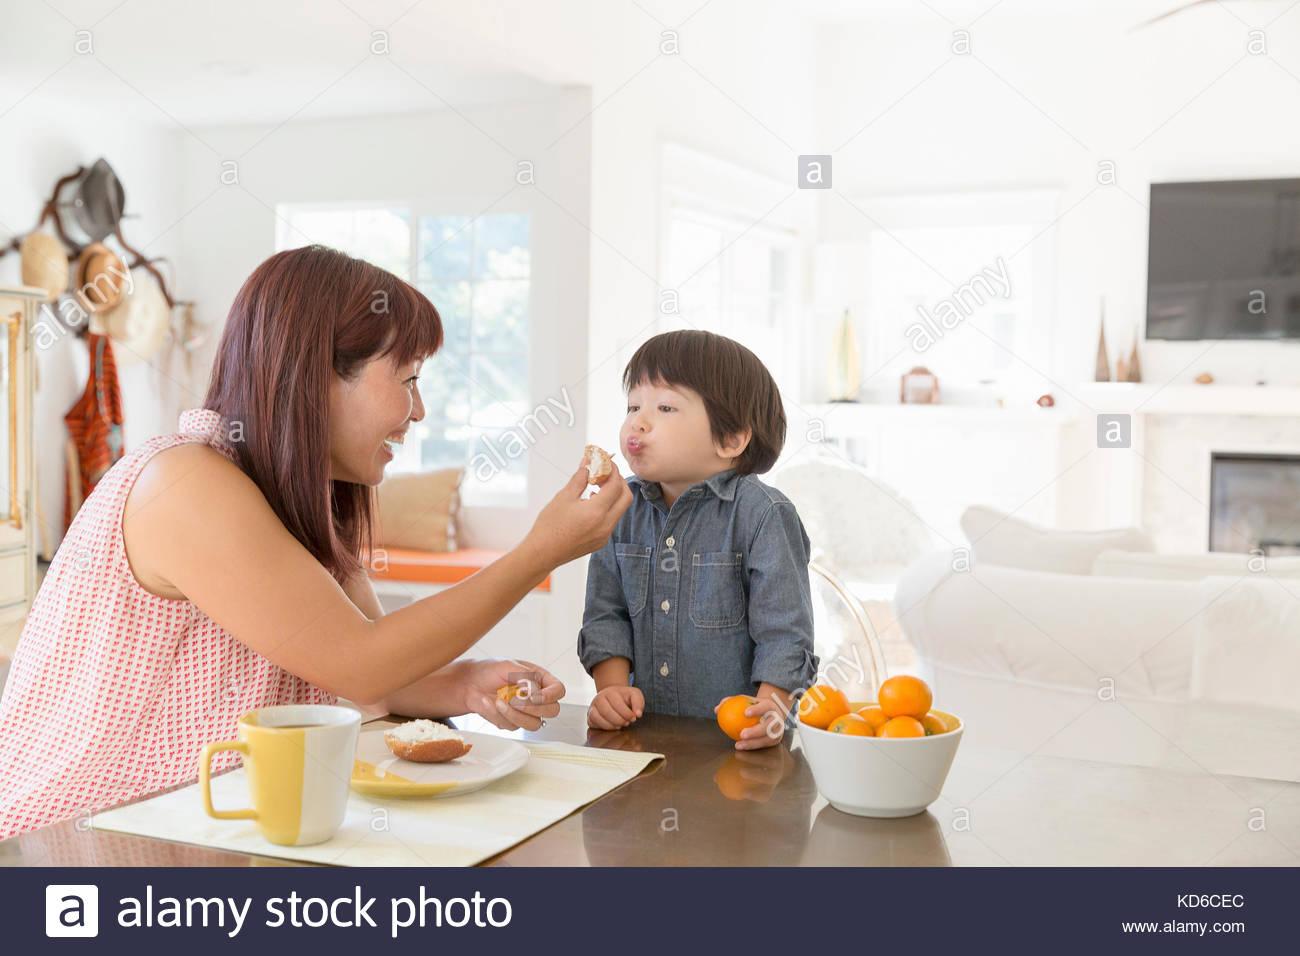 Alimentación madre hijo en la mesa de comedor Imagen De Stock